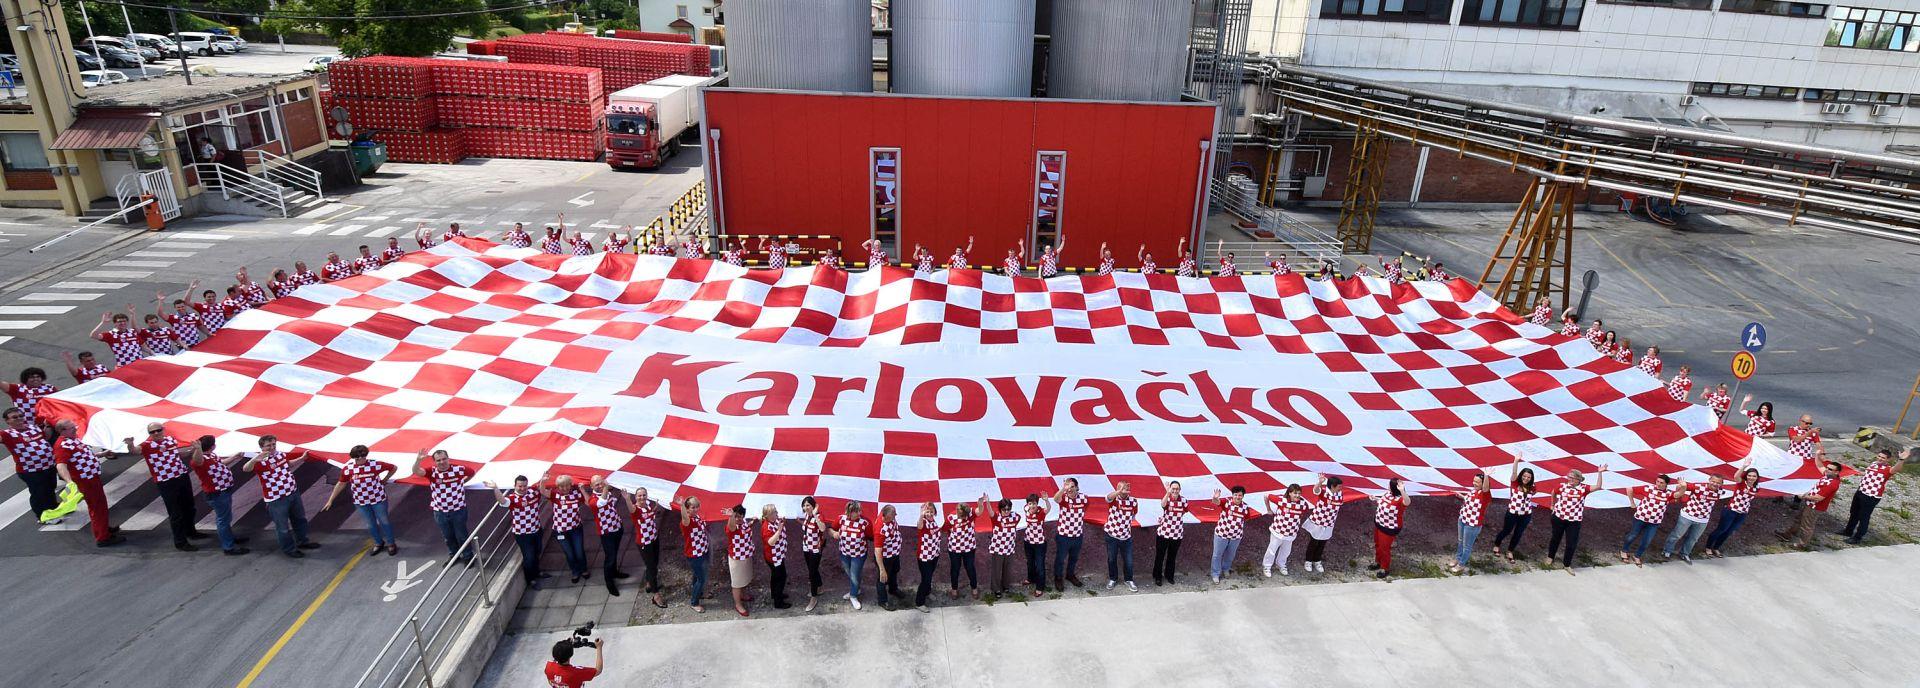 EURO 2016: Zastava s 400 crveno-bijelih polja i potpisima kreće u Francusku